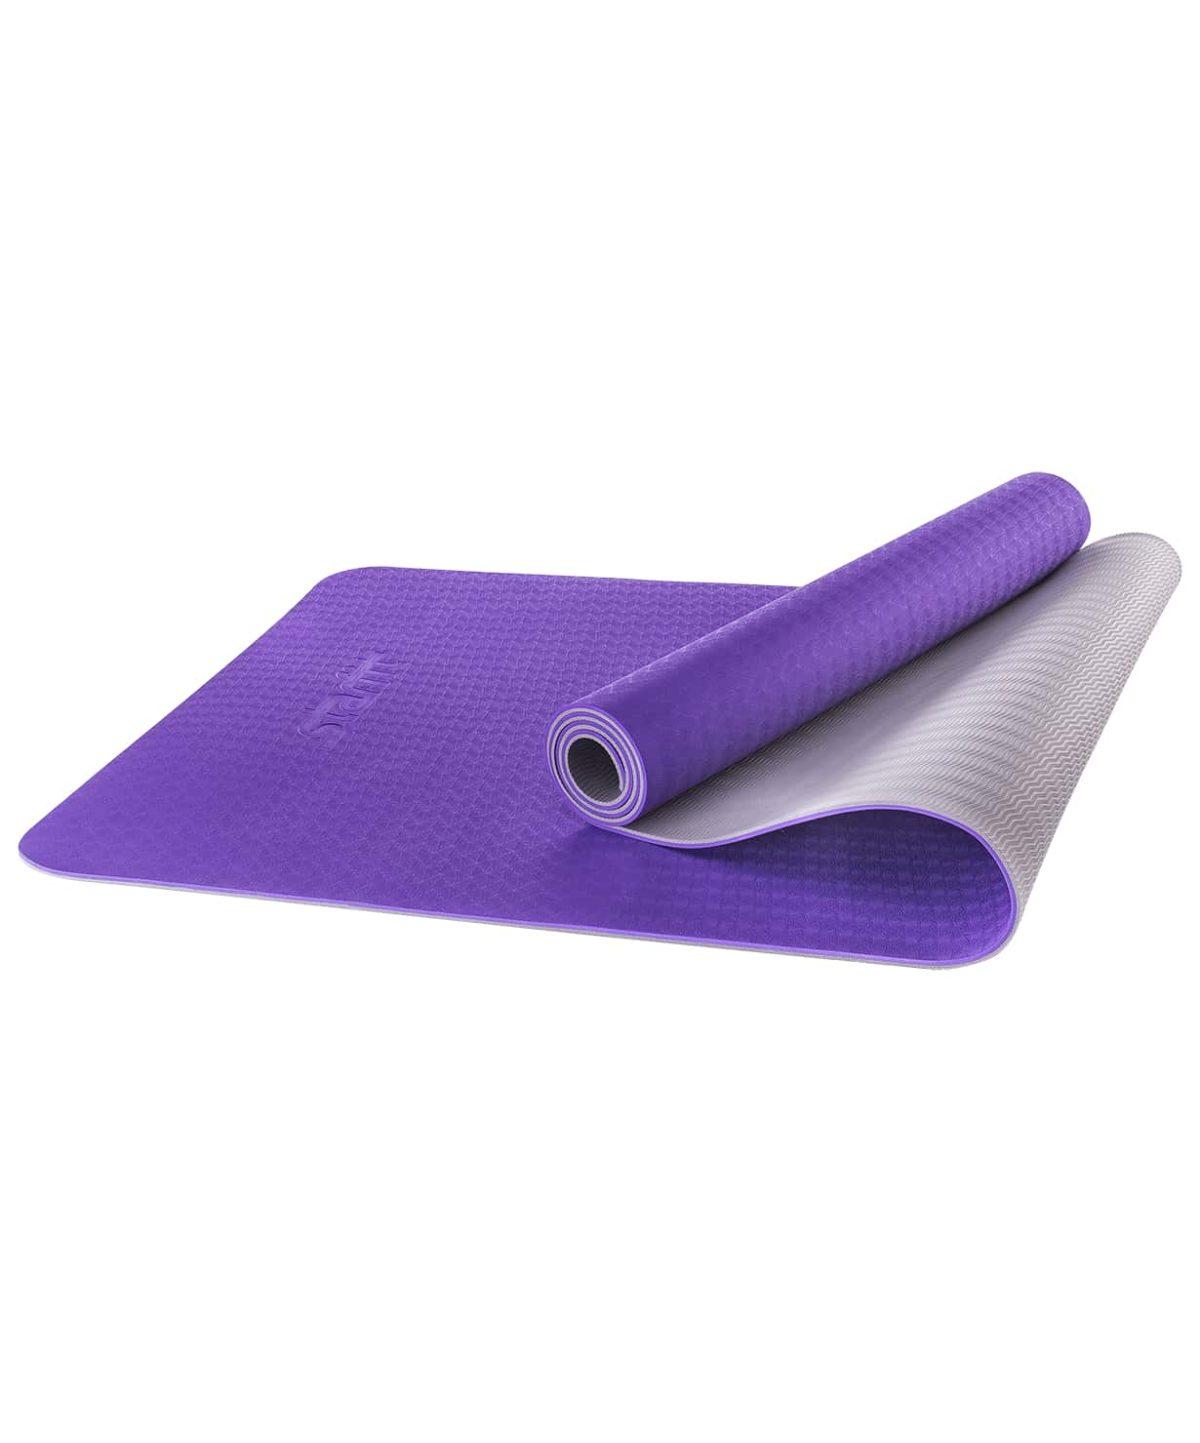 STARFIT Коврик для йоги FM-201 173х61х0,5 см: фиолетовый/серый - 1